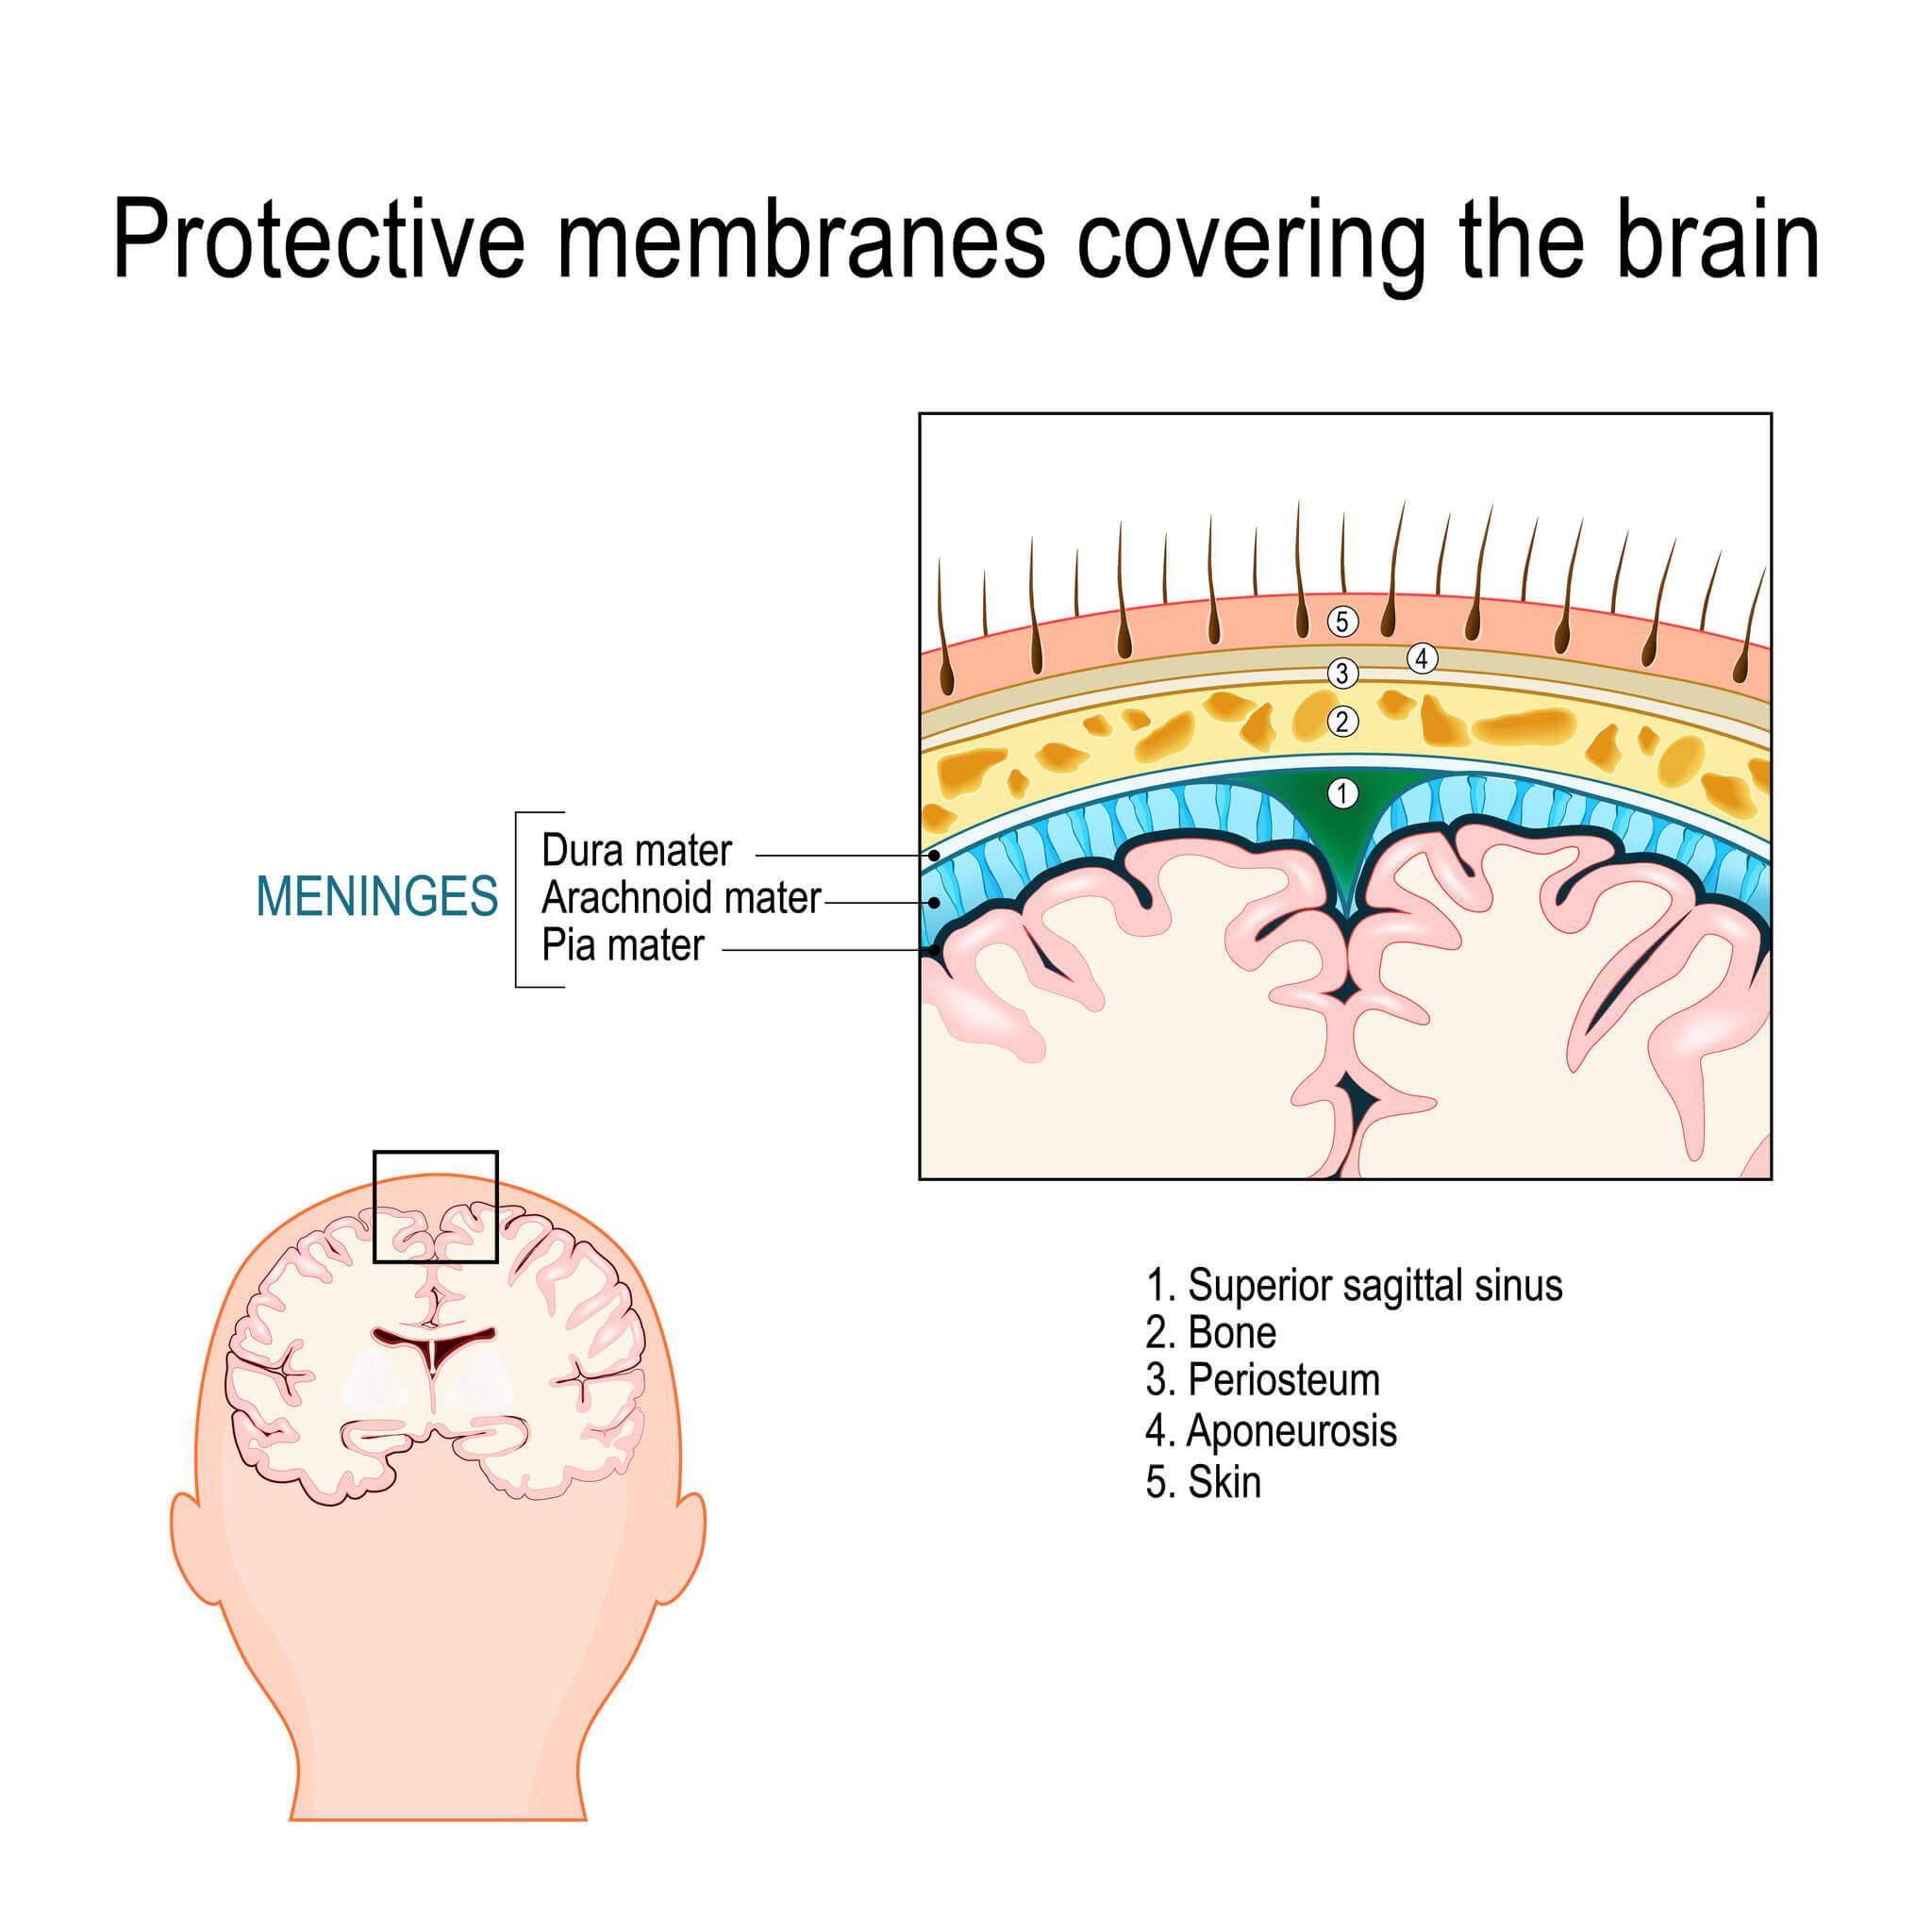 Existem três meninges: dura-máter, pia-máter e aracnoide.